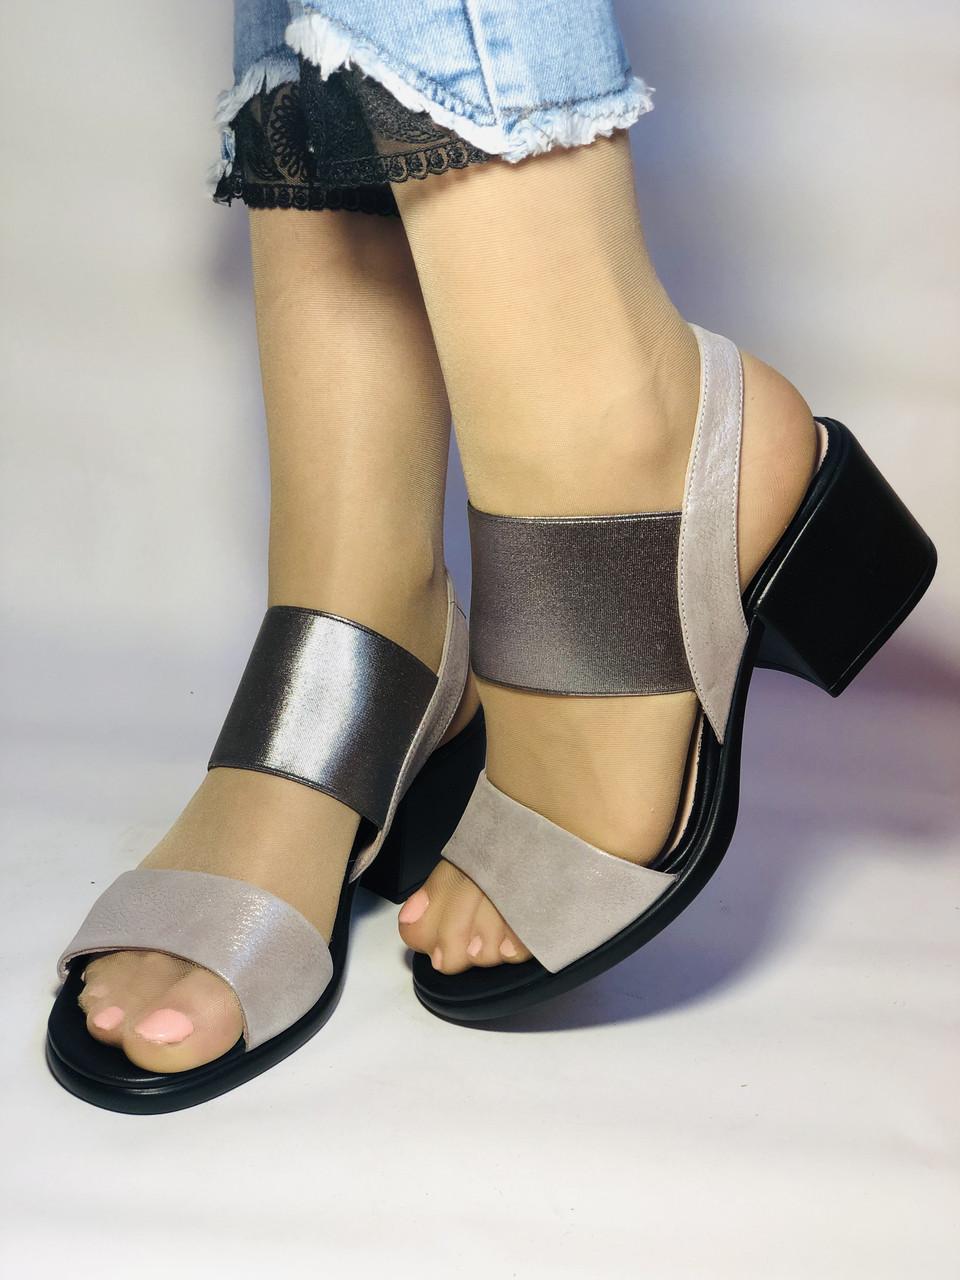 Женские босоножки  на невысоком каблуке.Размер 36, 39.  Турция.Магазин Vellena